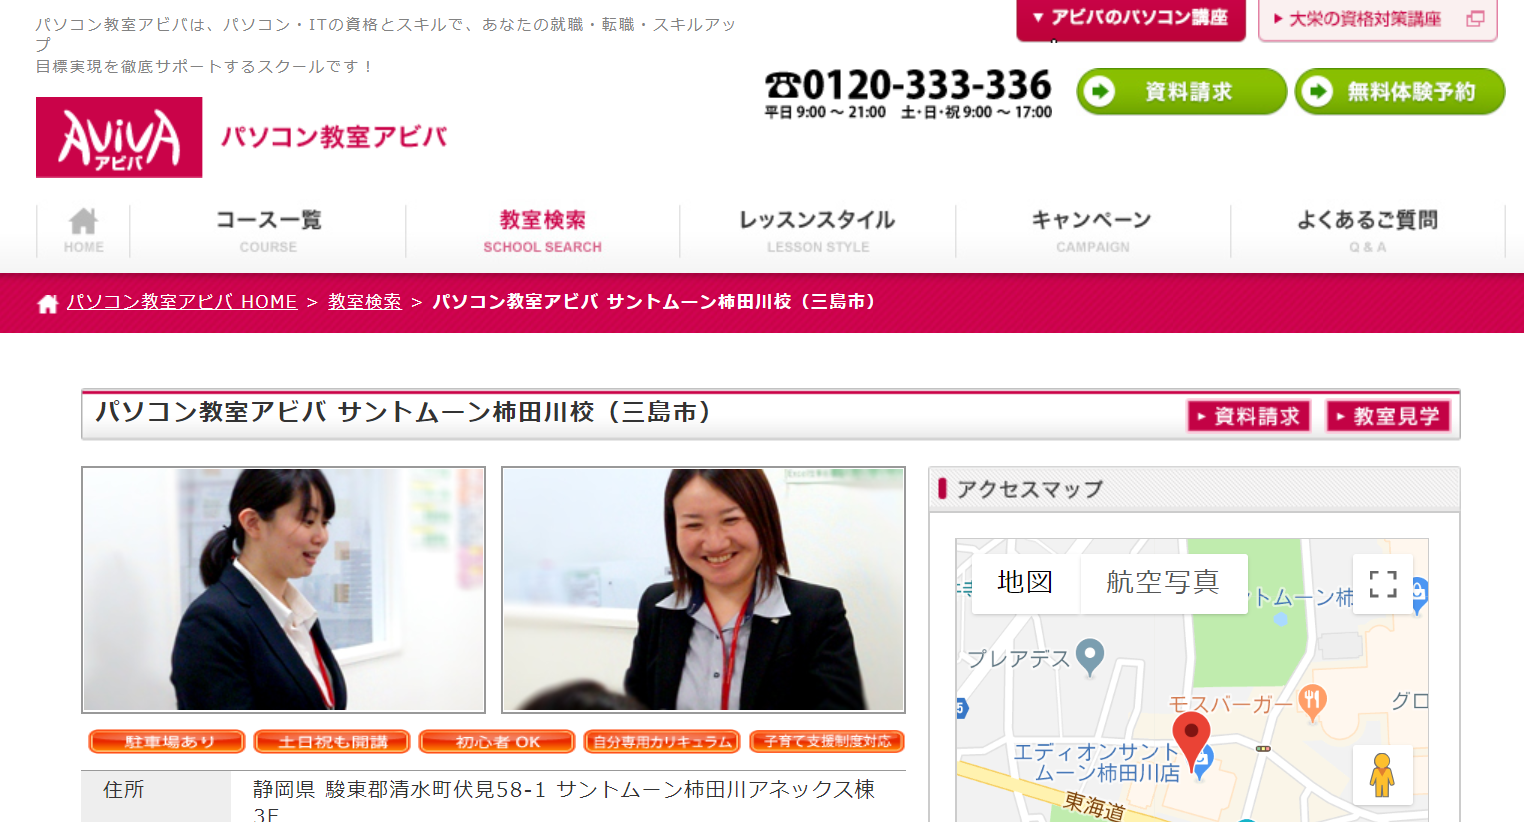 パソコン教室アビバ サントムーン柿田川校の評判・口コミ